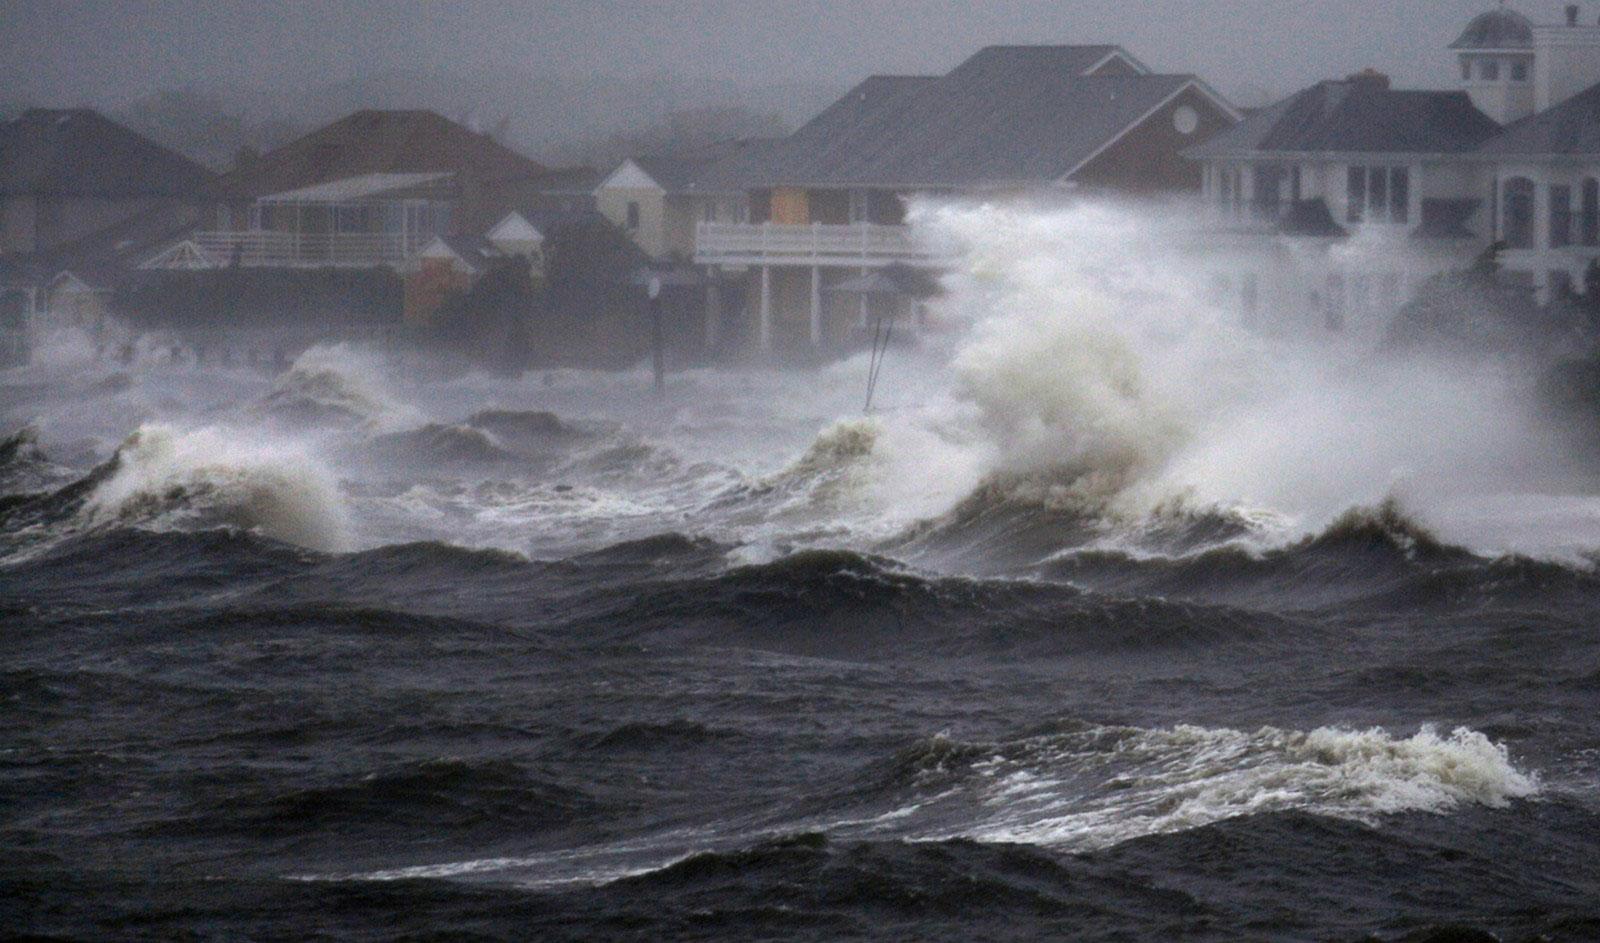 Волны бьются о берег